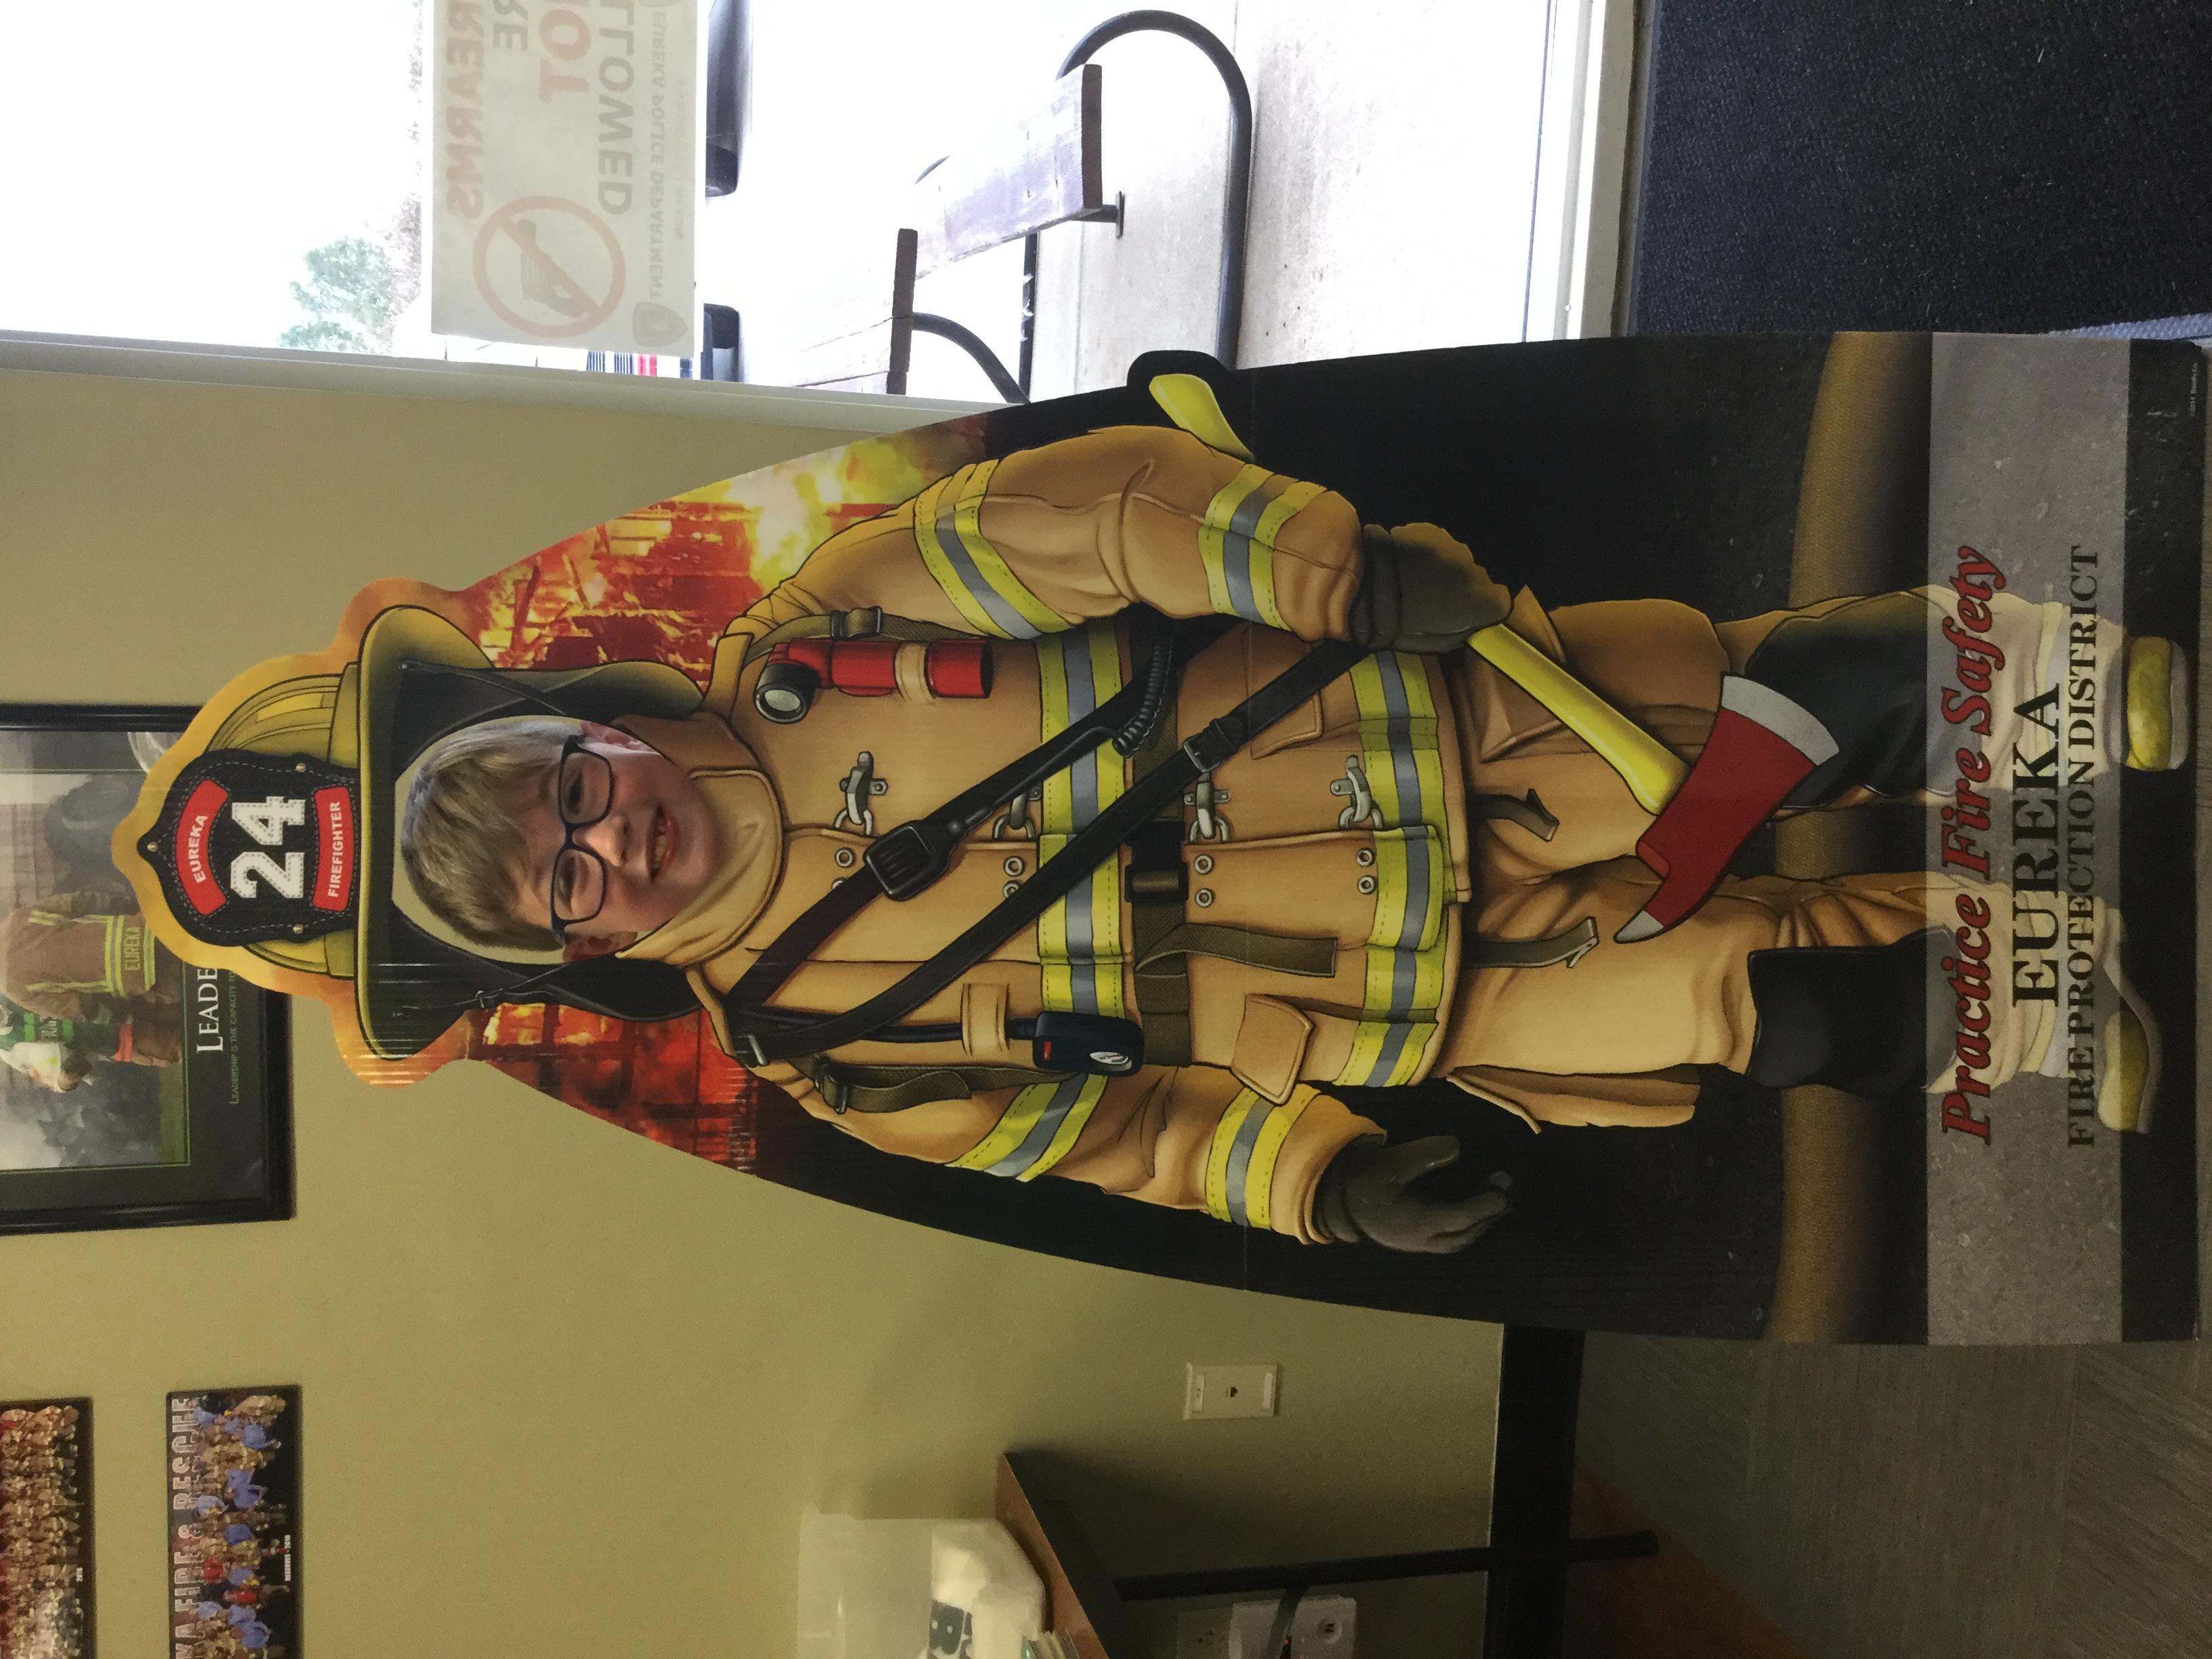 Dress Up Like A Fireman!